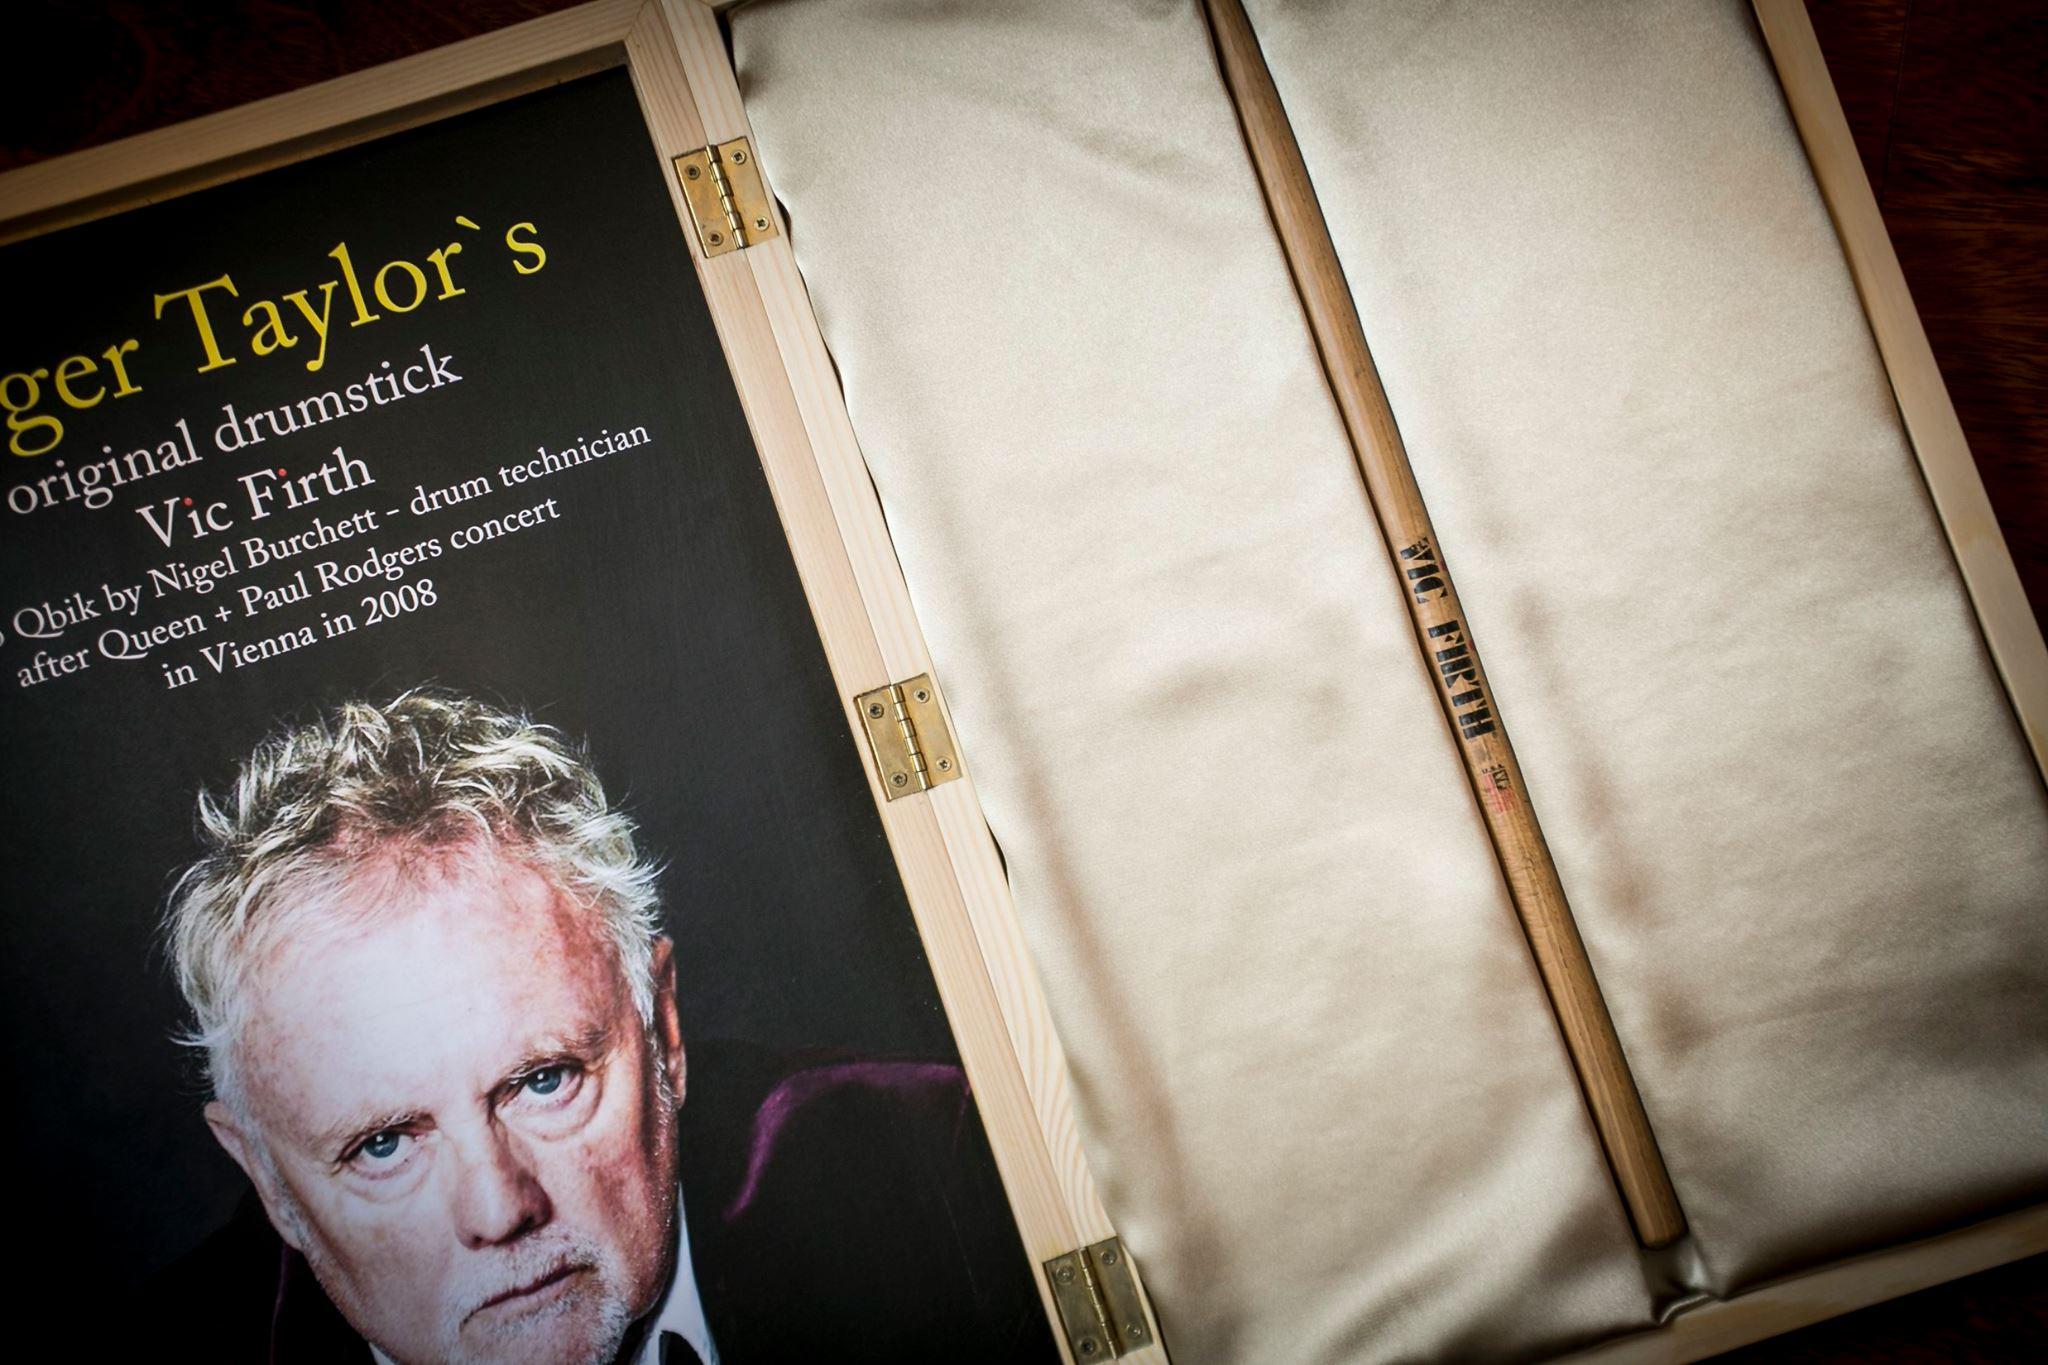 Aukcja charytatywna pałeczki Rogera Taylora